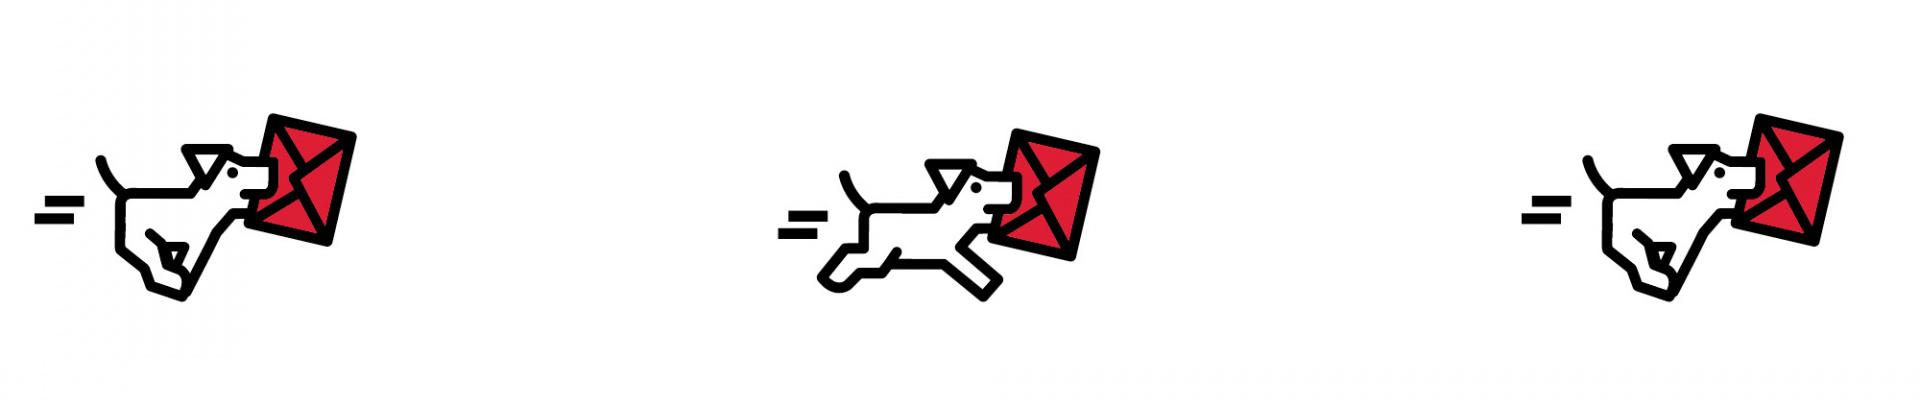 picto hondjes veel witruimte.jpg